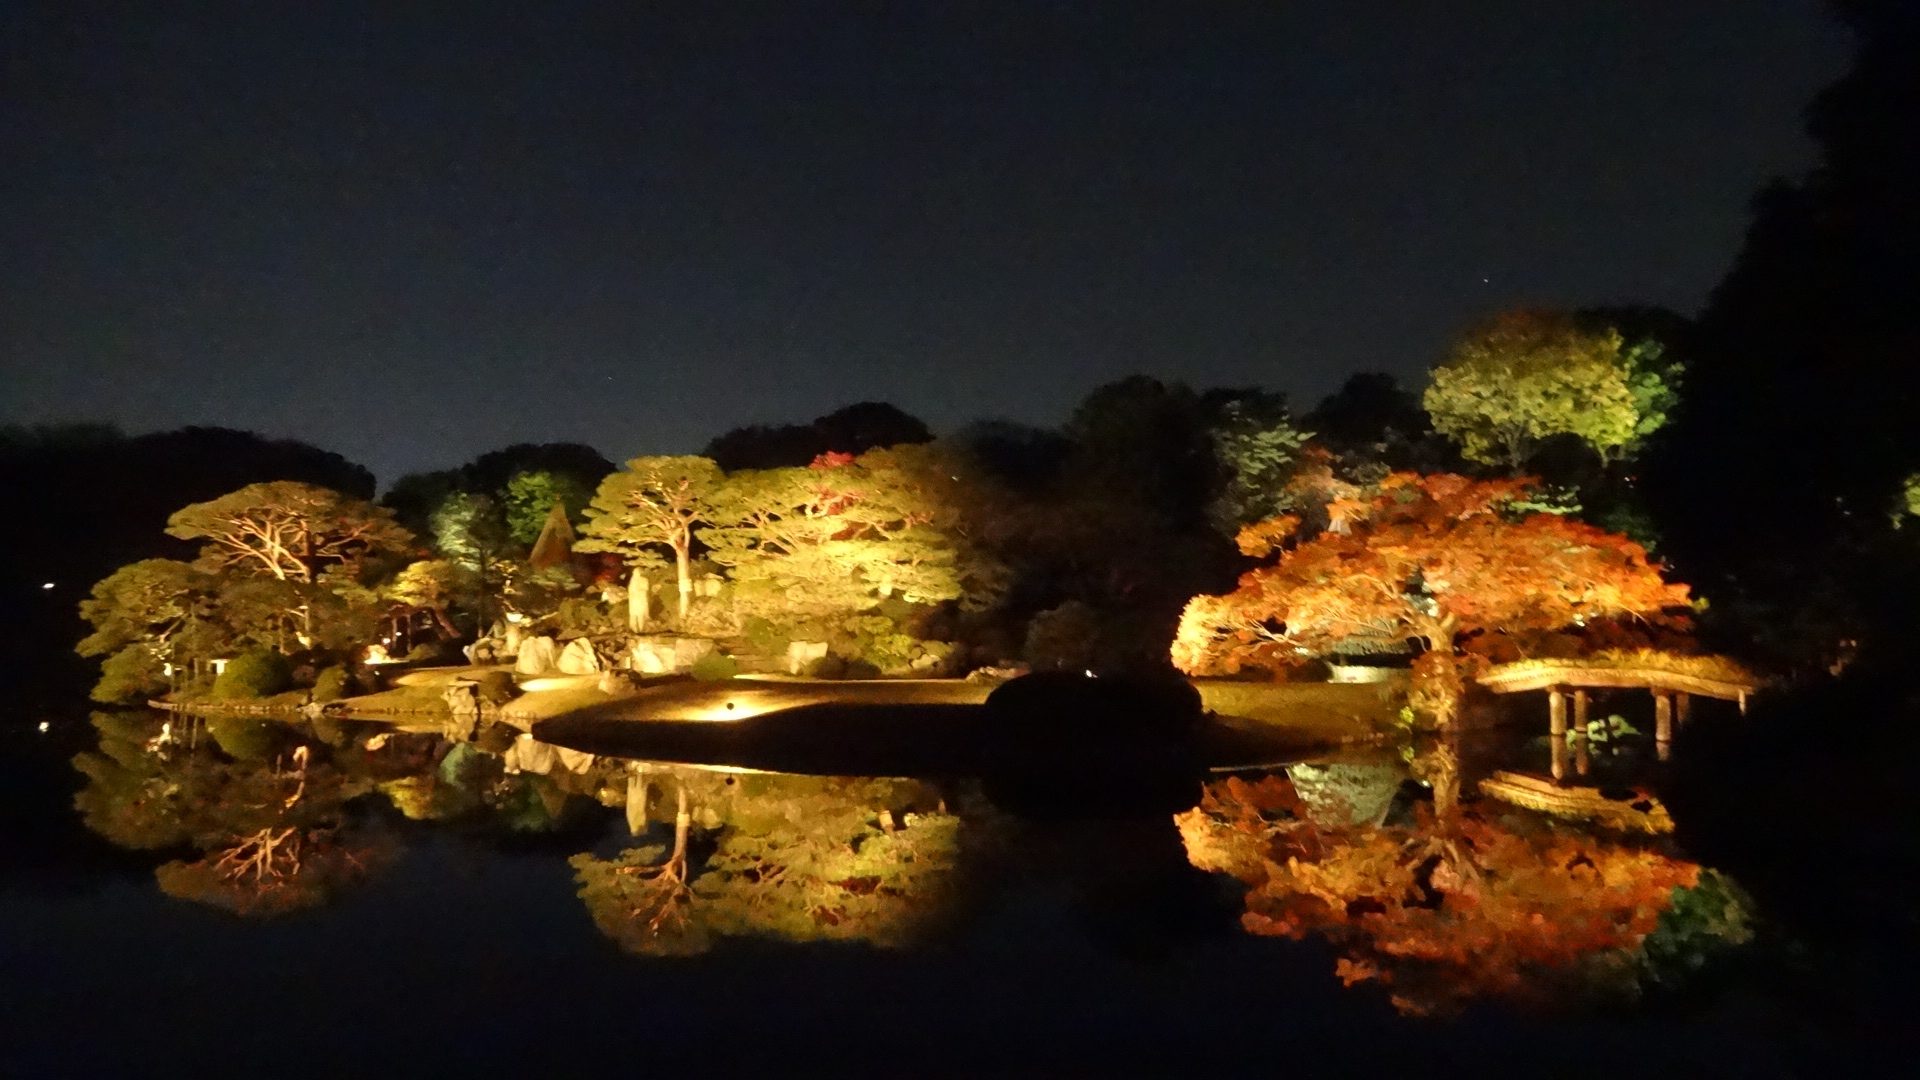 ライトアップされた庭園内の小島2